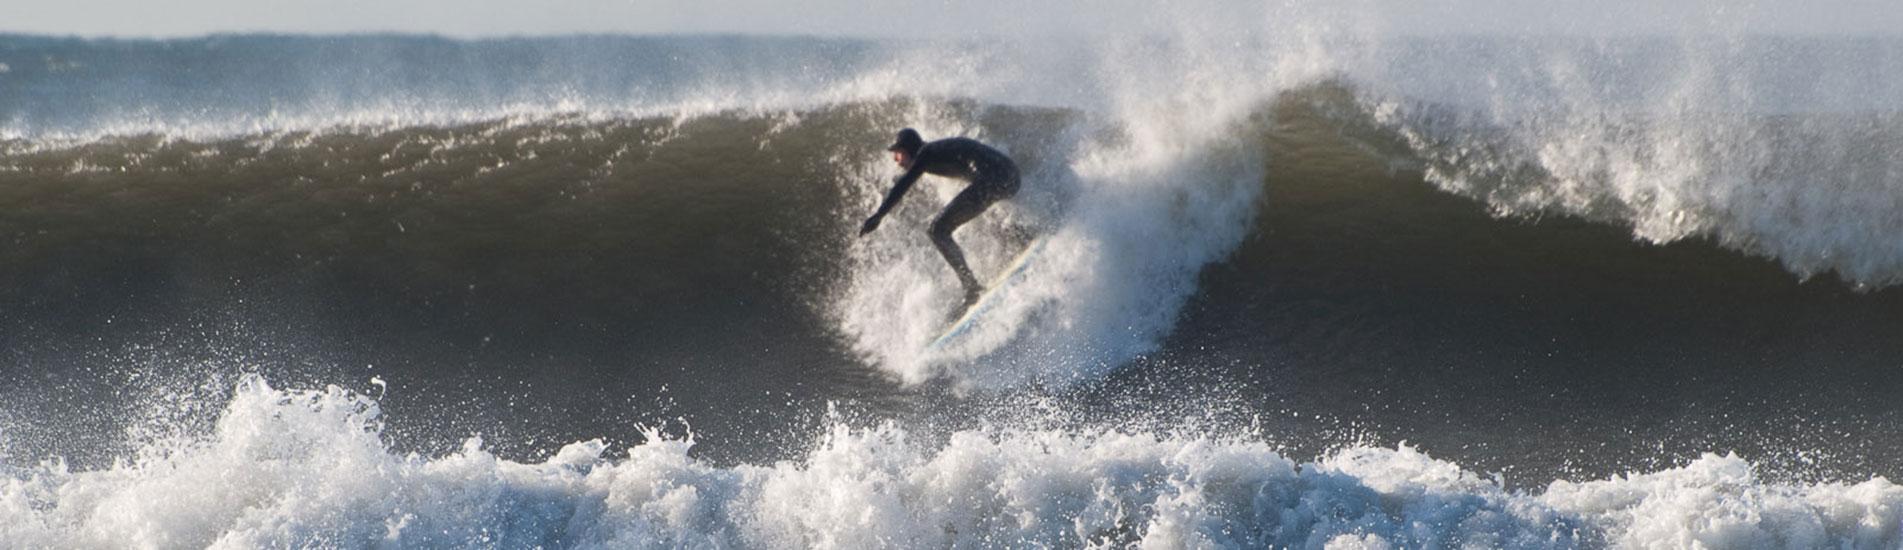 Surfing at Croyde Beach, Devon